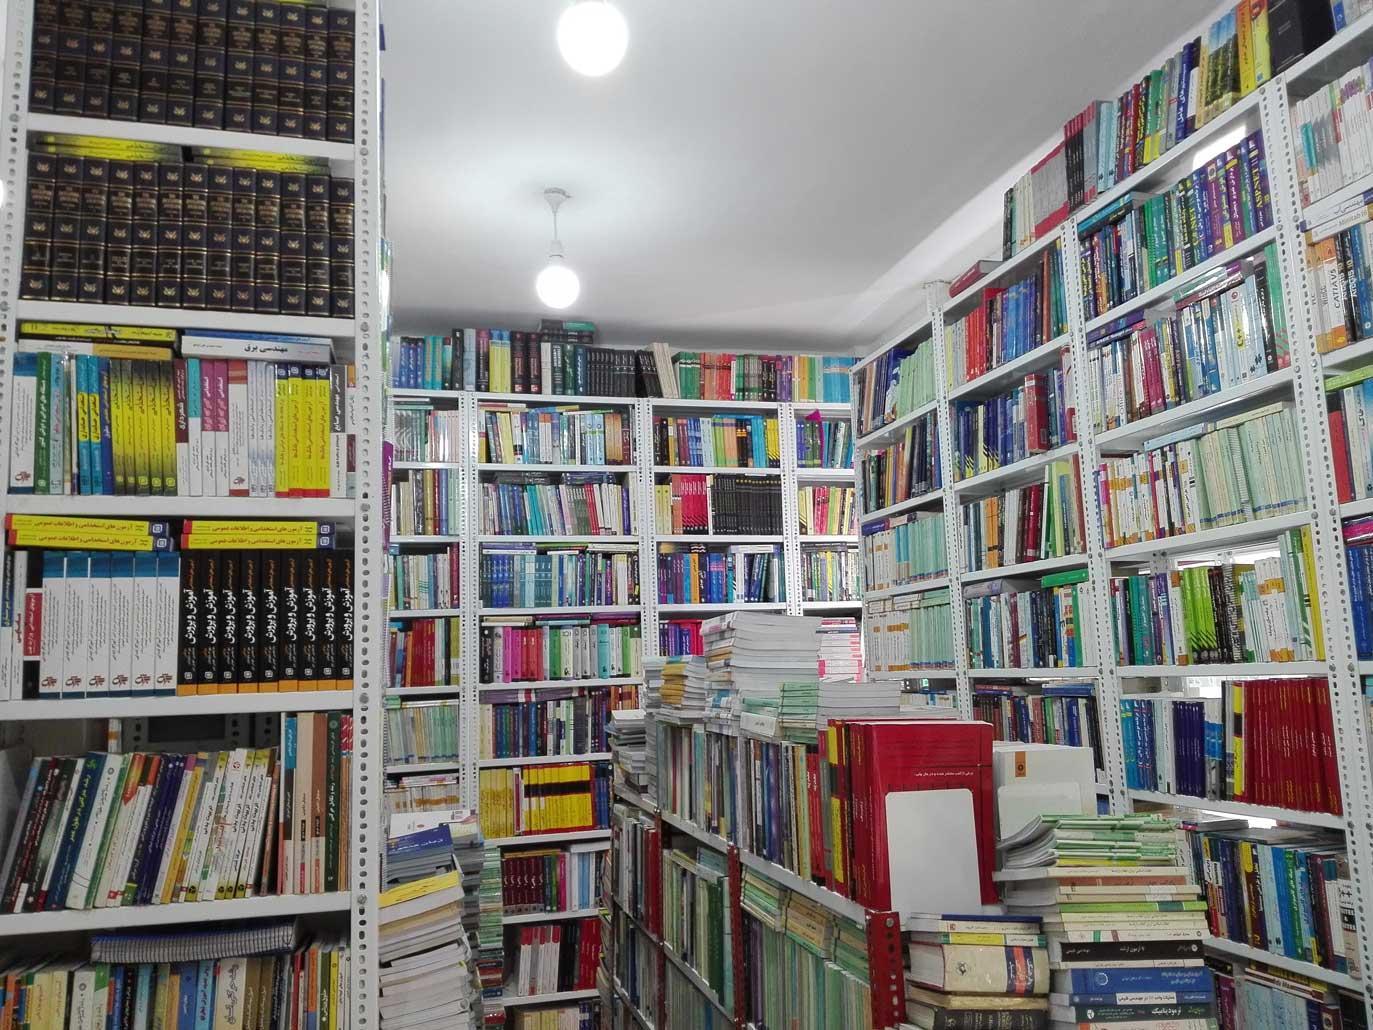 خرید و فروش انواع کتابهای عمومی، دانشگاهی، پیامنور، تست و کنکوری و ...